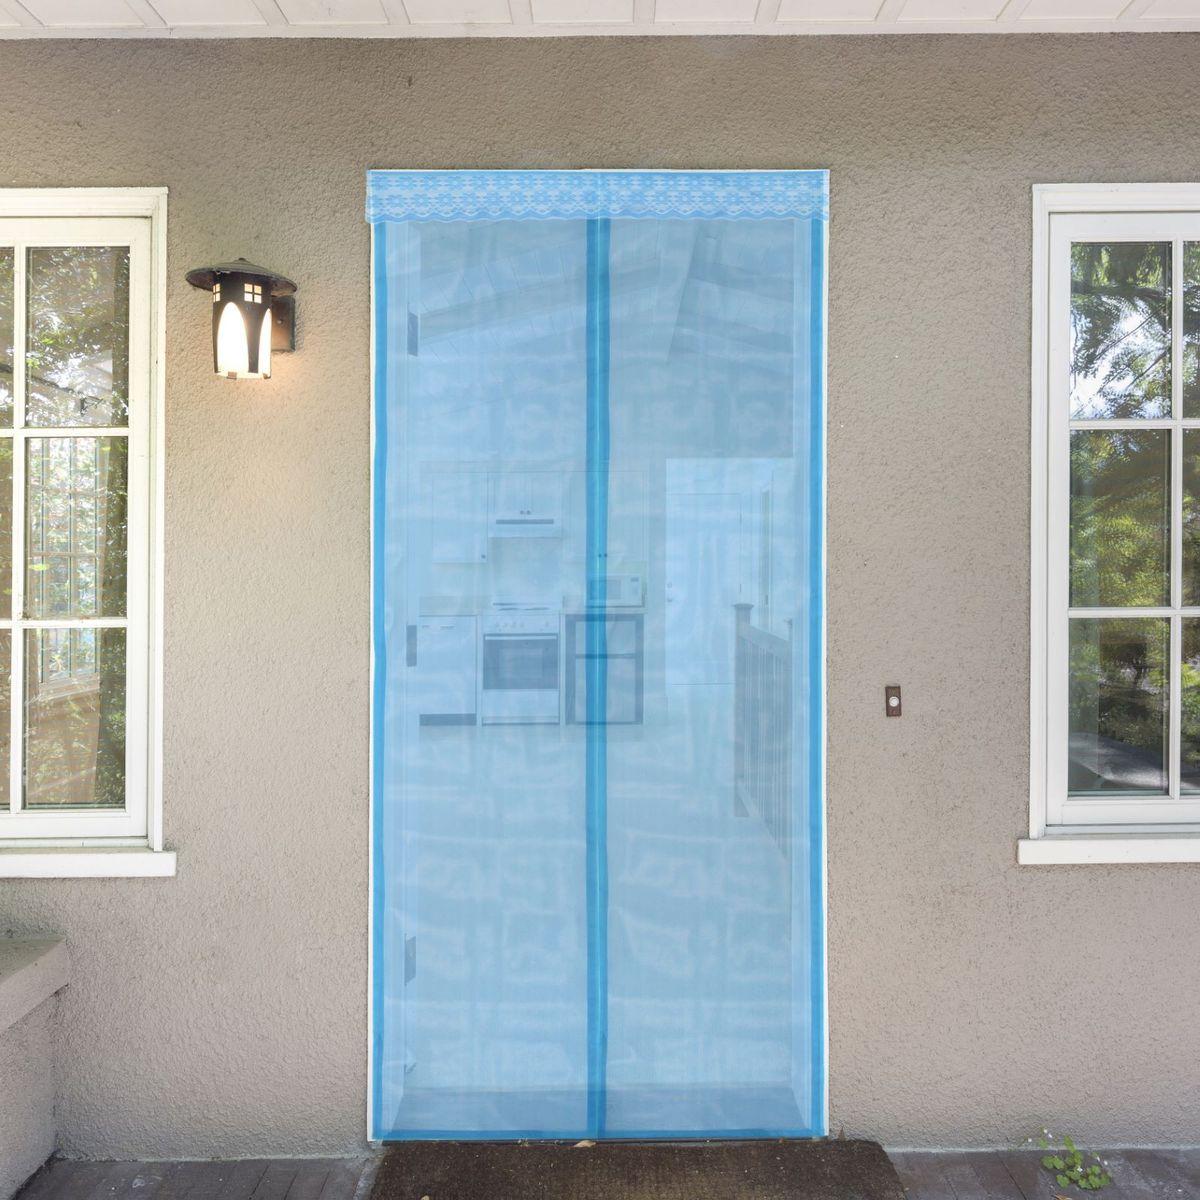 Сетка антимоскитная, на магнитной ленте, цвет: голубой, 80 х 210 см80103Сетка антимоскитная защитит вас от насекомых, изготовленная на магнитной ленте, универсальна в использовании: подвесьте ее при входе в садовый дом или балкон, чтобы предотвратить попадание комаров внутрь жилища. Наслаждайтесь свежим воздухом без компании надоедливых насекомых.Чтобы зафиксировать занавес в дверном проеме, достаточно закрепить занавеску по периметру двери с помощью кнопок, идущих в комплекте.В комплект входит: полиэстеровая сетка-штора (80 x 210 см), магнитная лента и крепёжные крючки.Принцип действия занавеса предельно прост: каждый раз, когда вы будете проходить сквозь шторы, они автоматически захлопнутся за вами благодаря магнитам, расположенным по всей его длине.